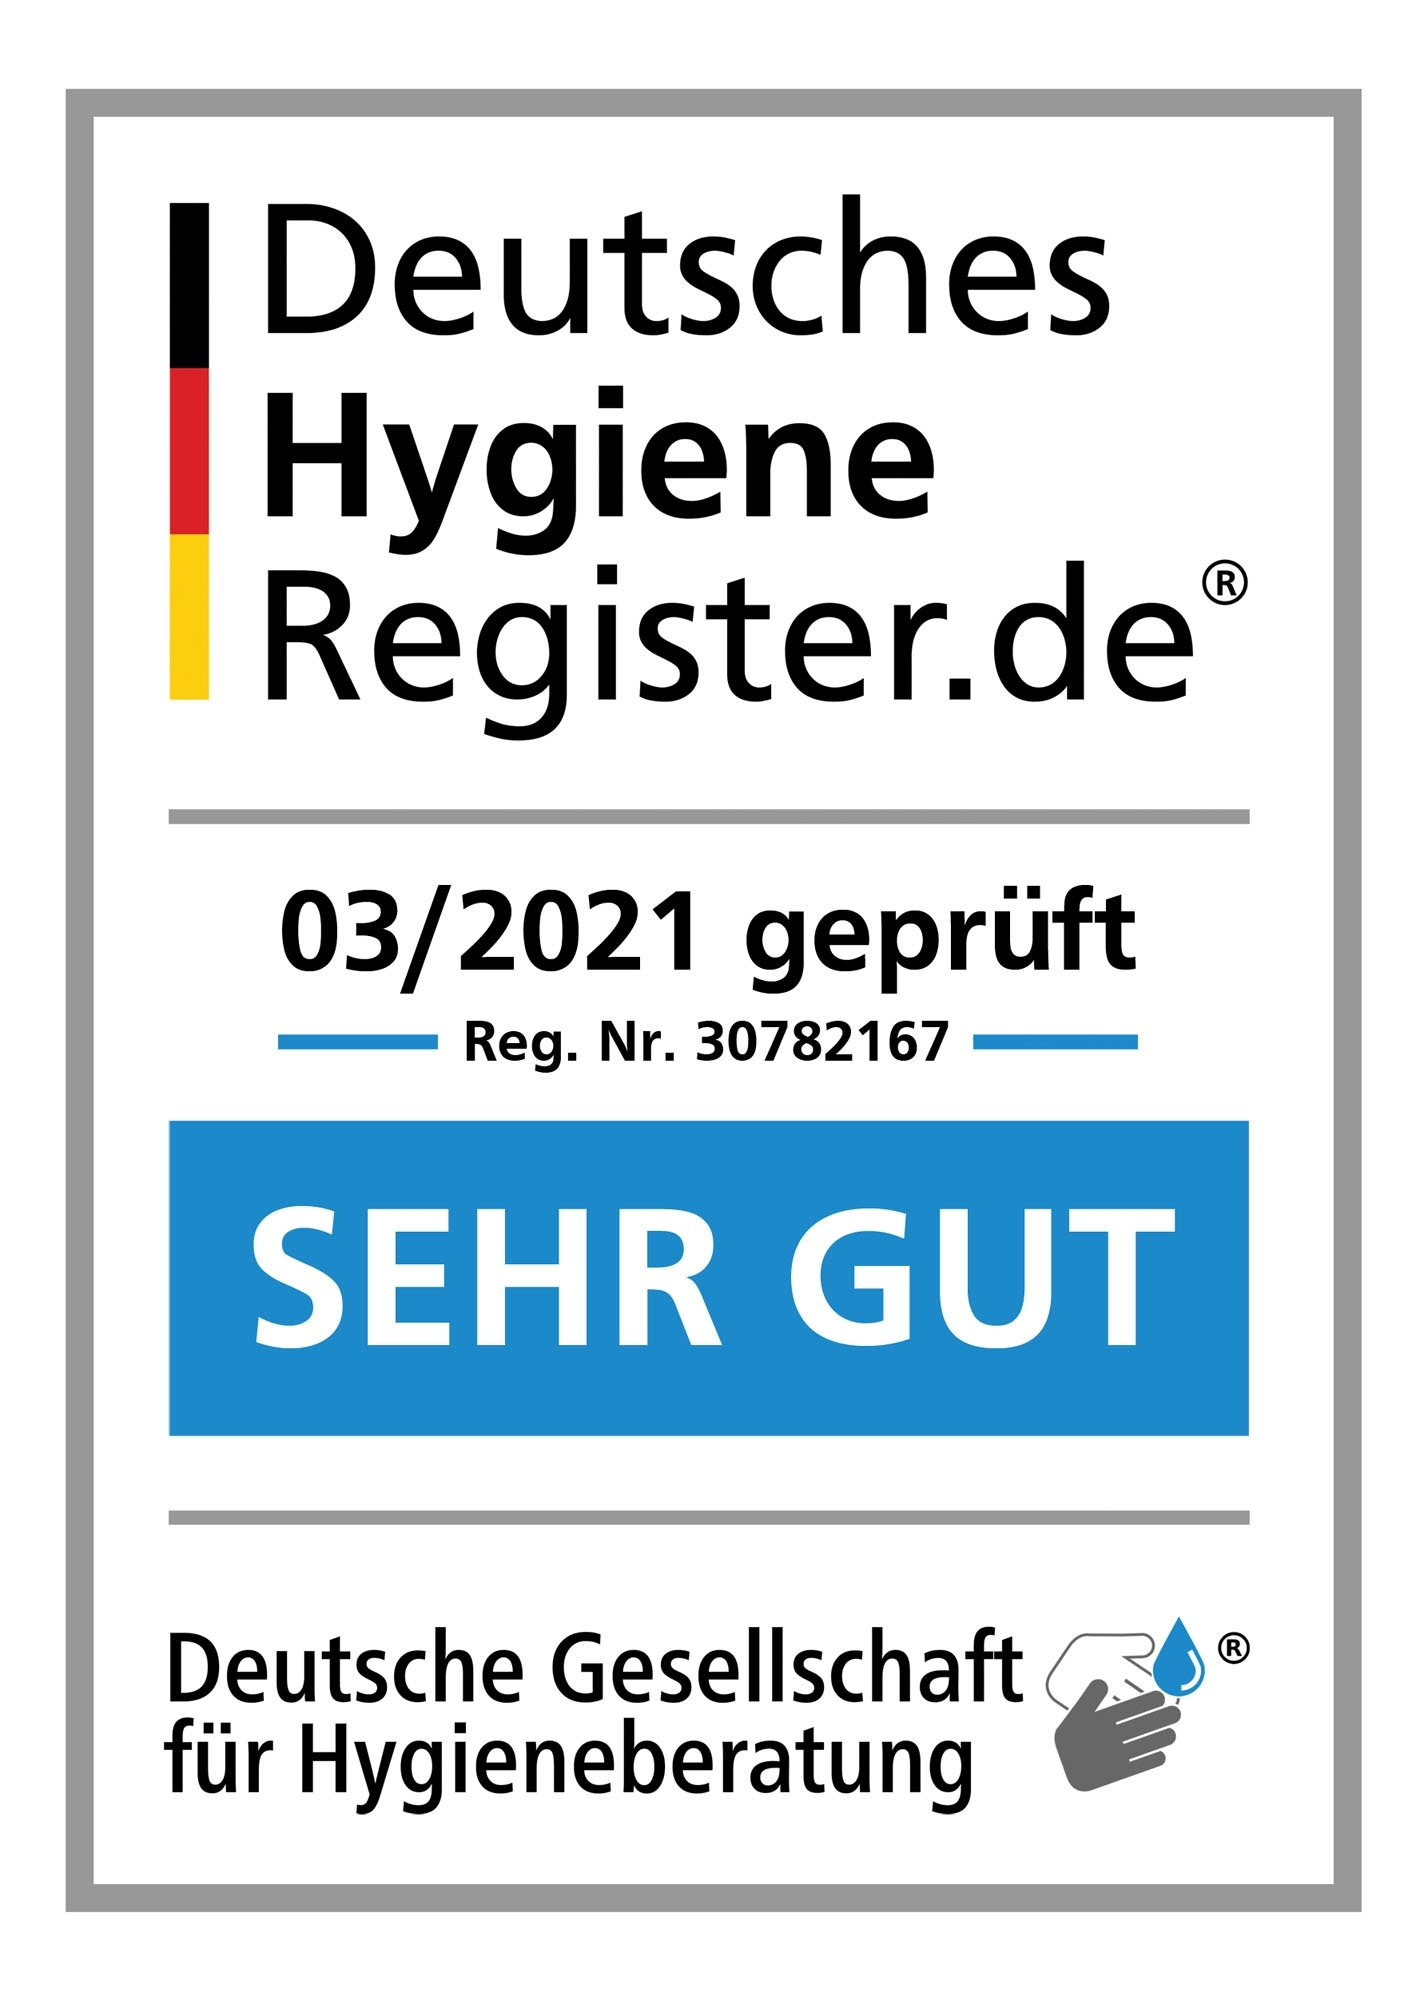 Logo Deutsches Hygiene Register